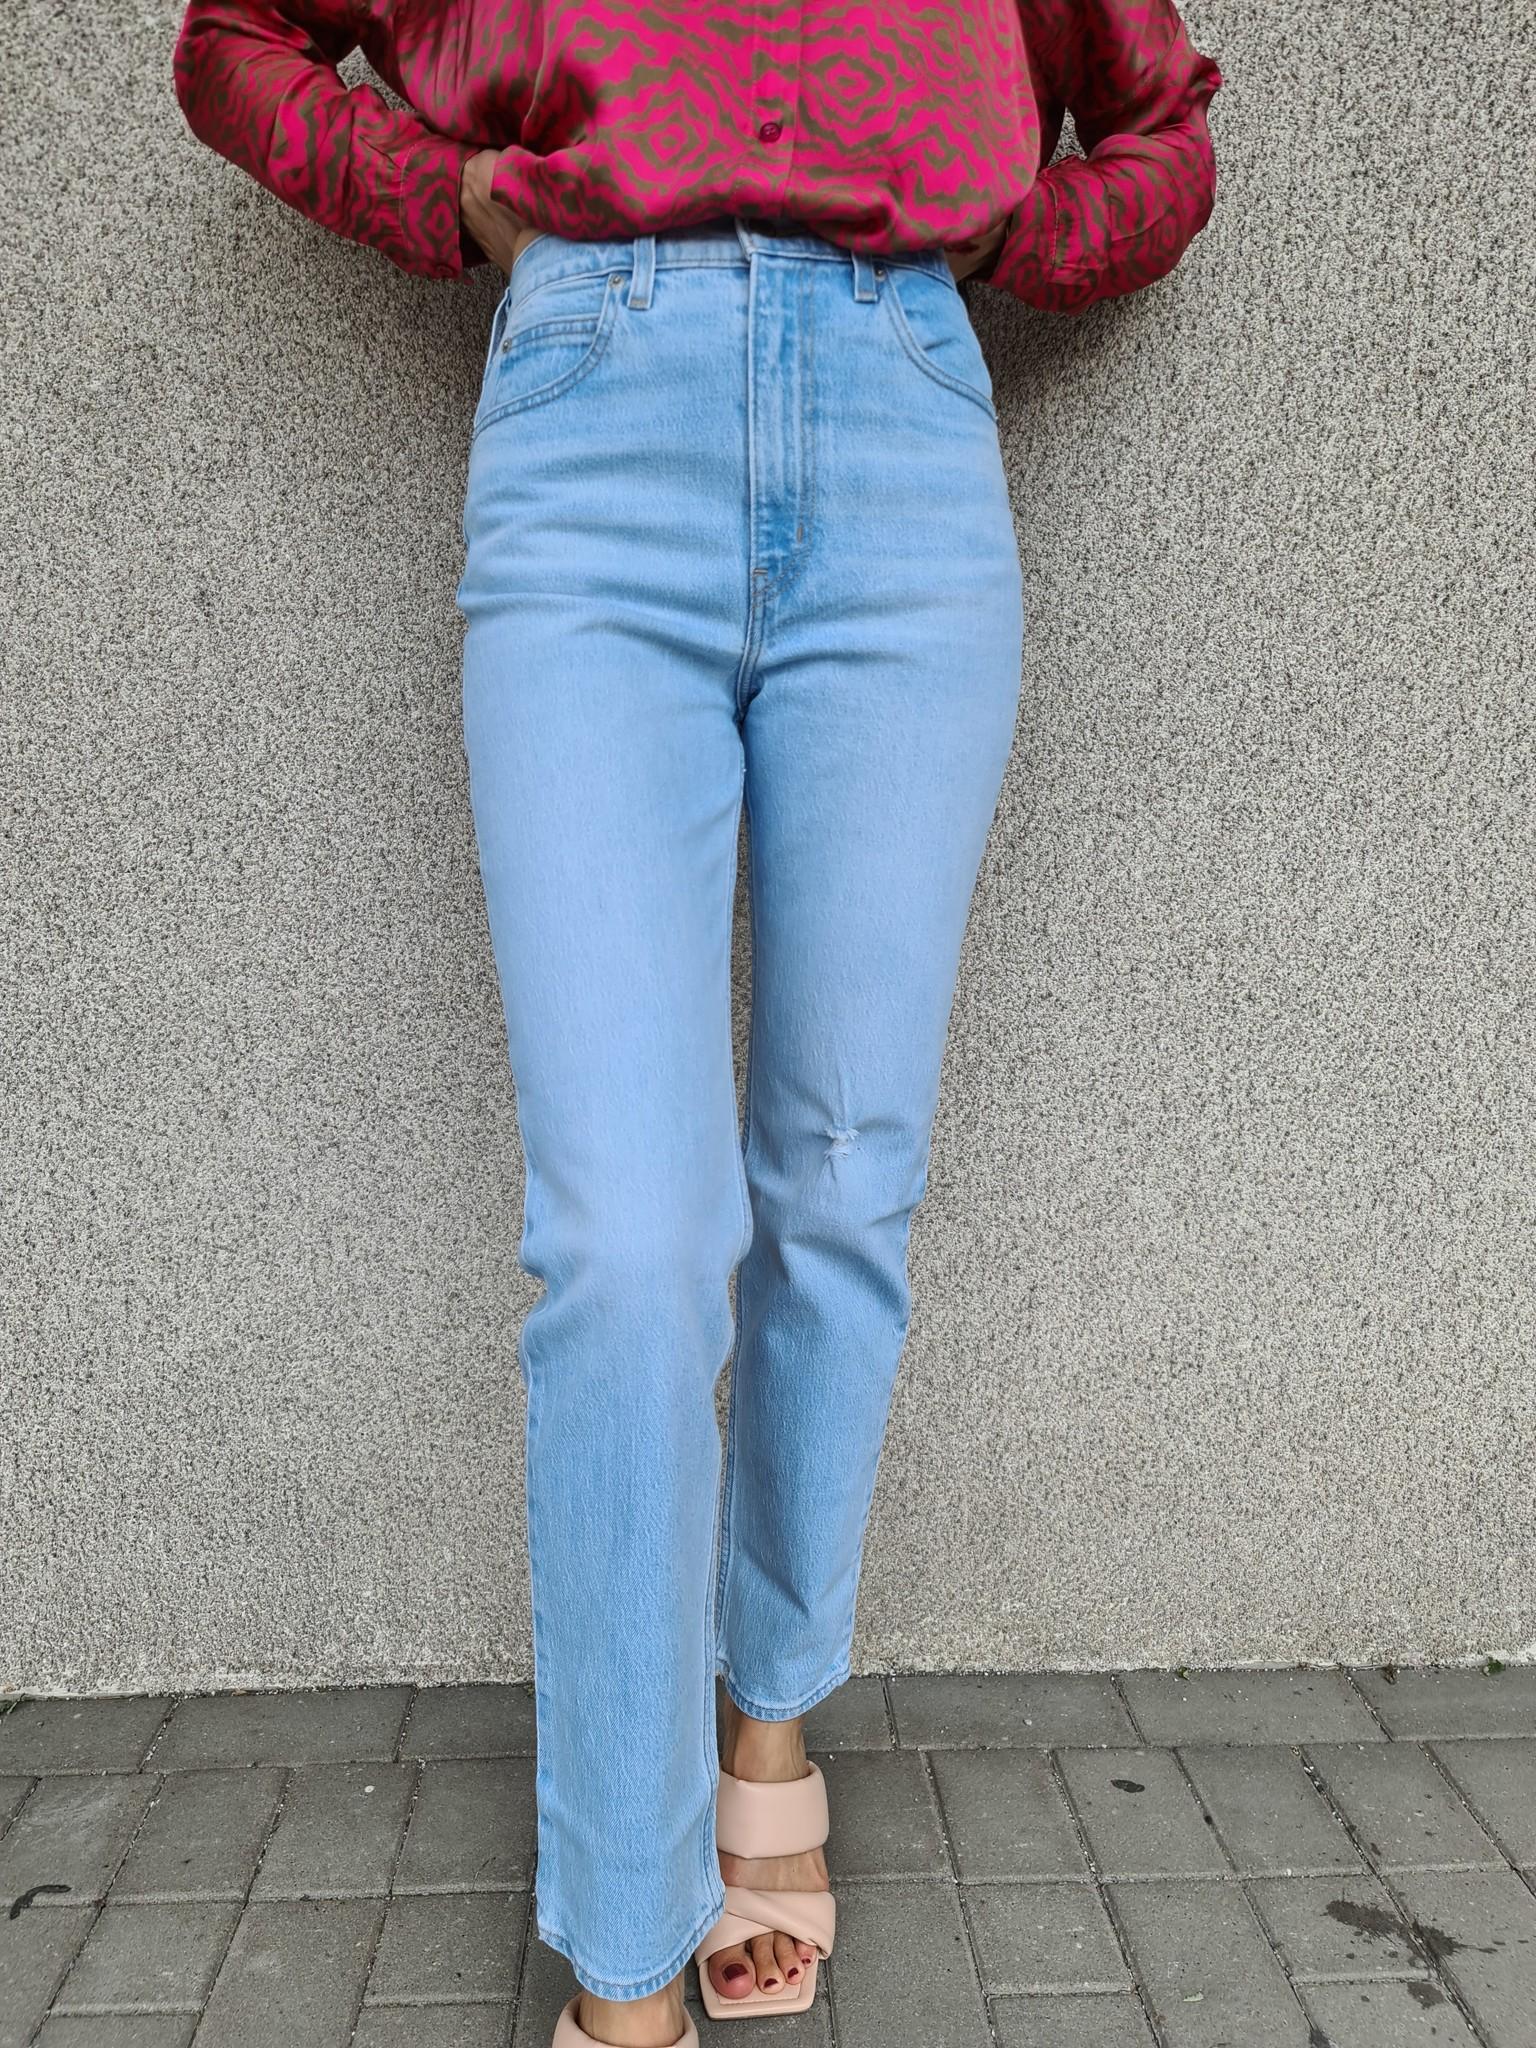 LEVIS jeans-1